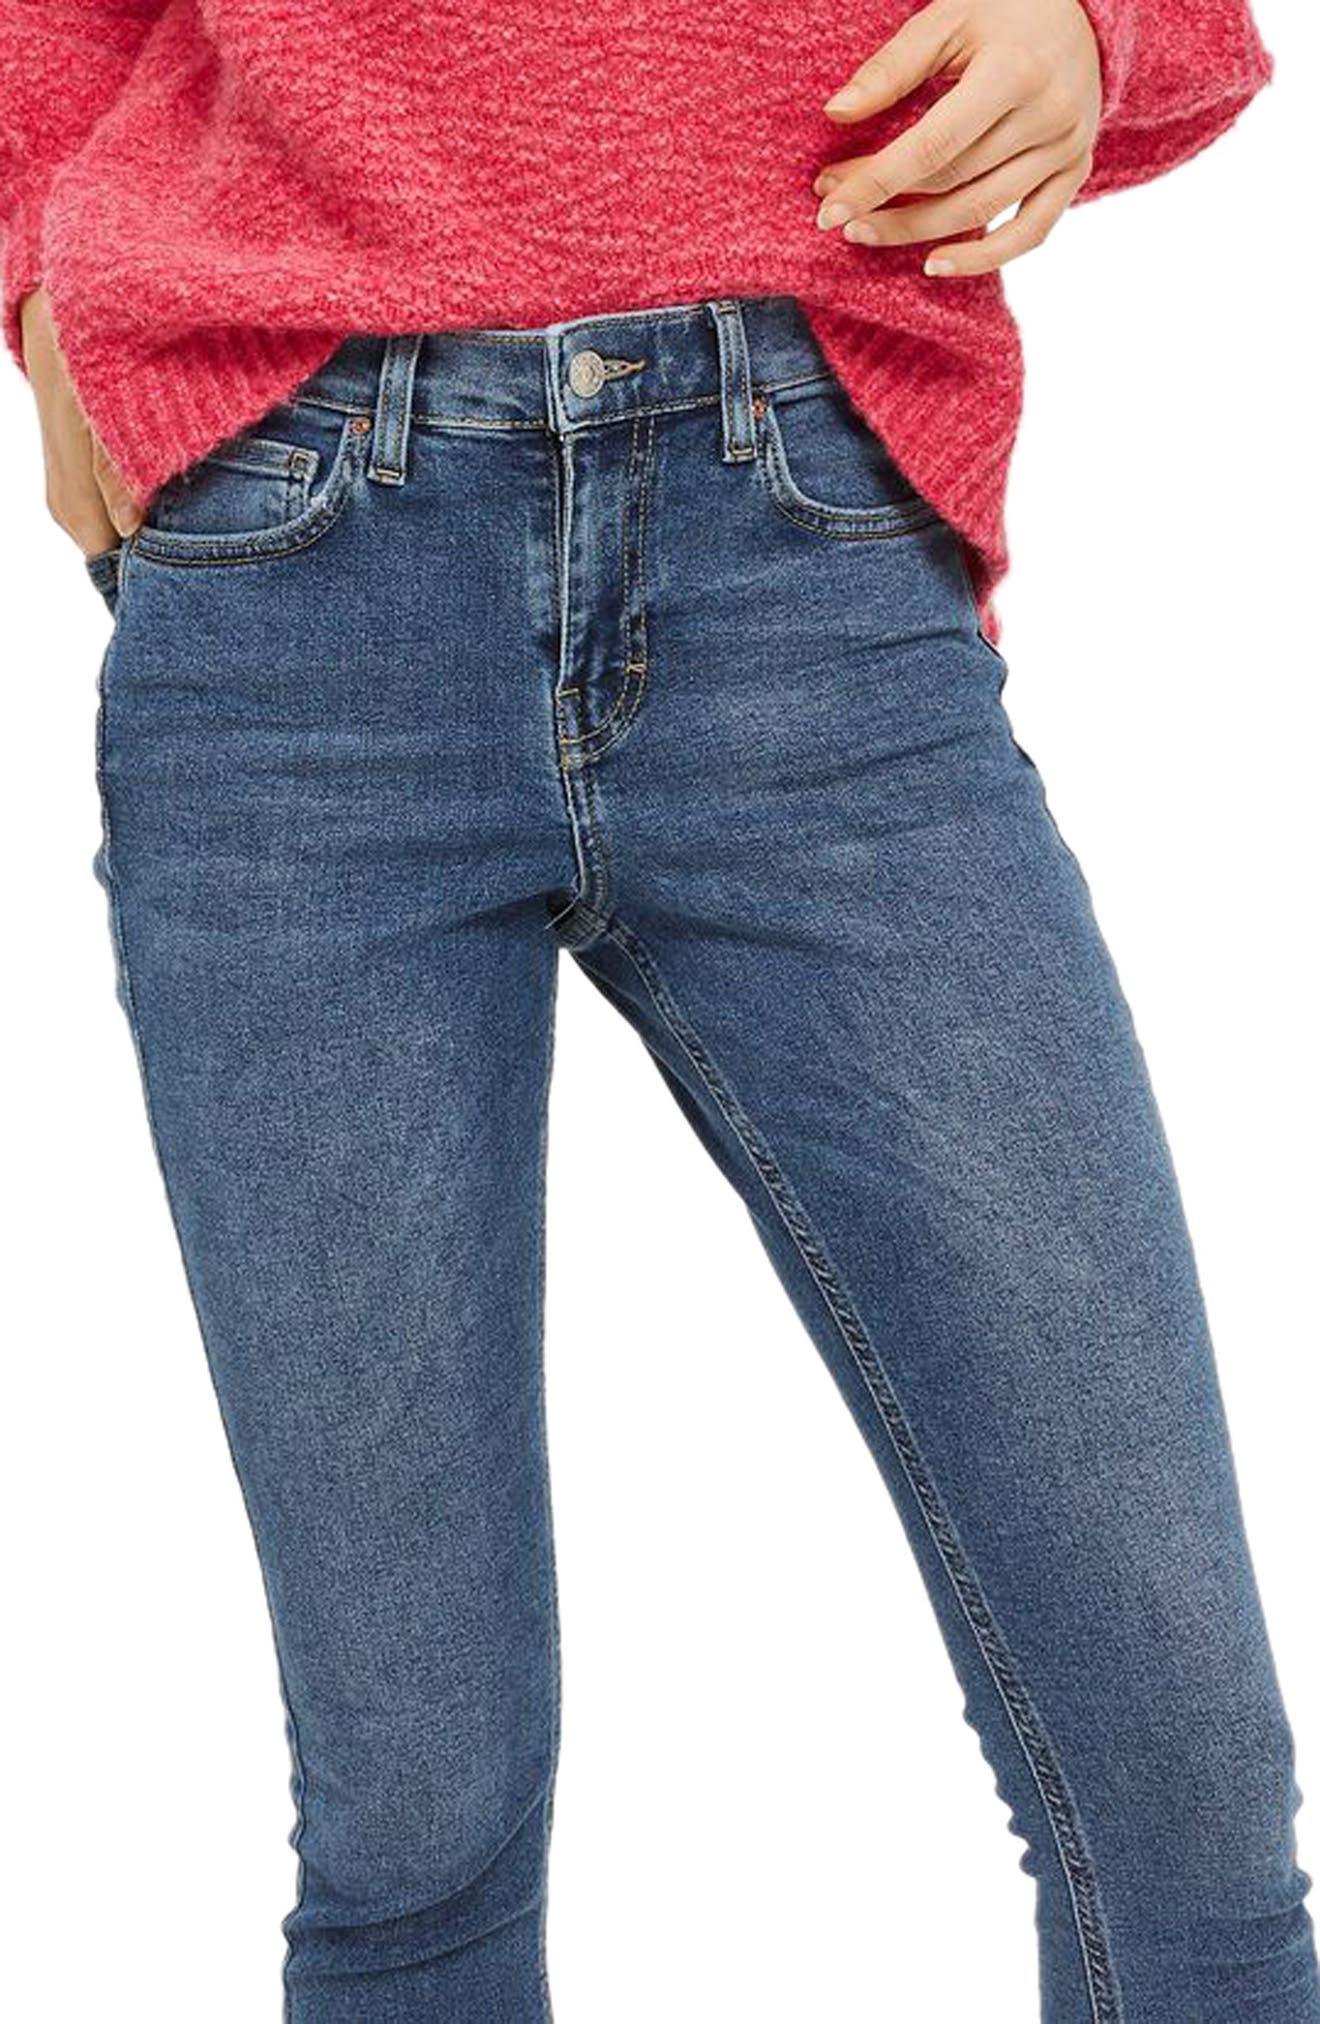 Topshop Jamie Skinny Jeans (Petite)